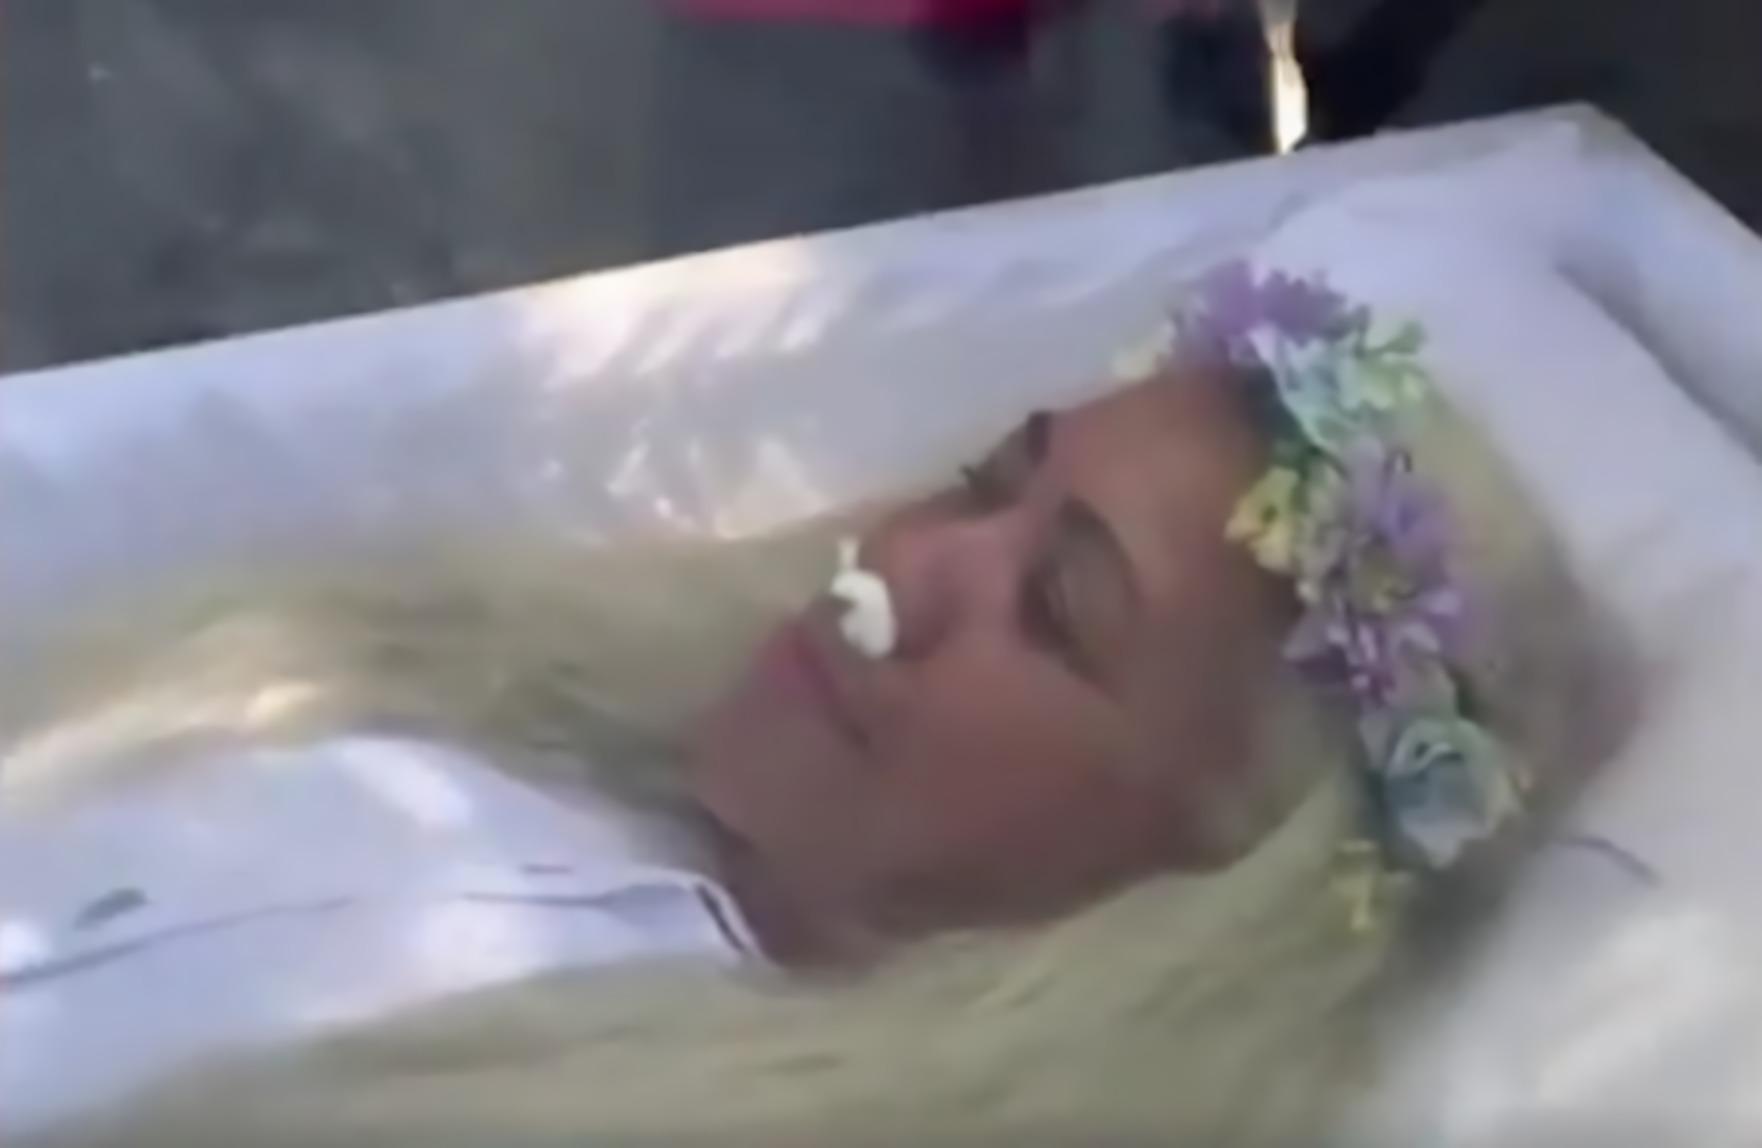 Una mujer simuló su muerte porque quería saber qué se siente al fallecer